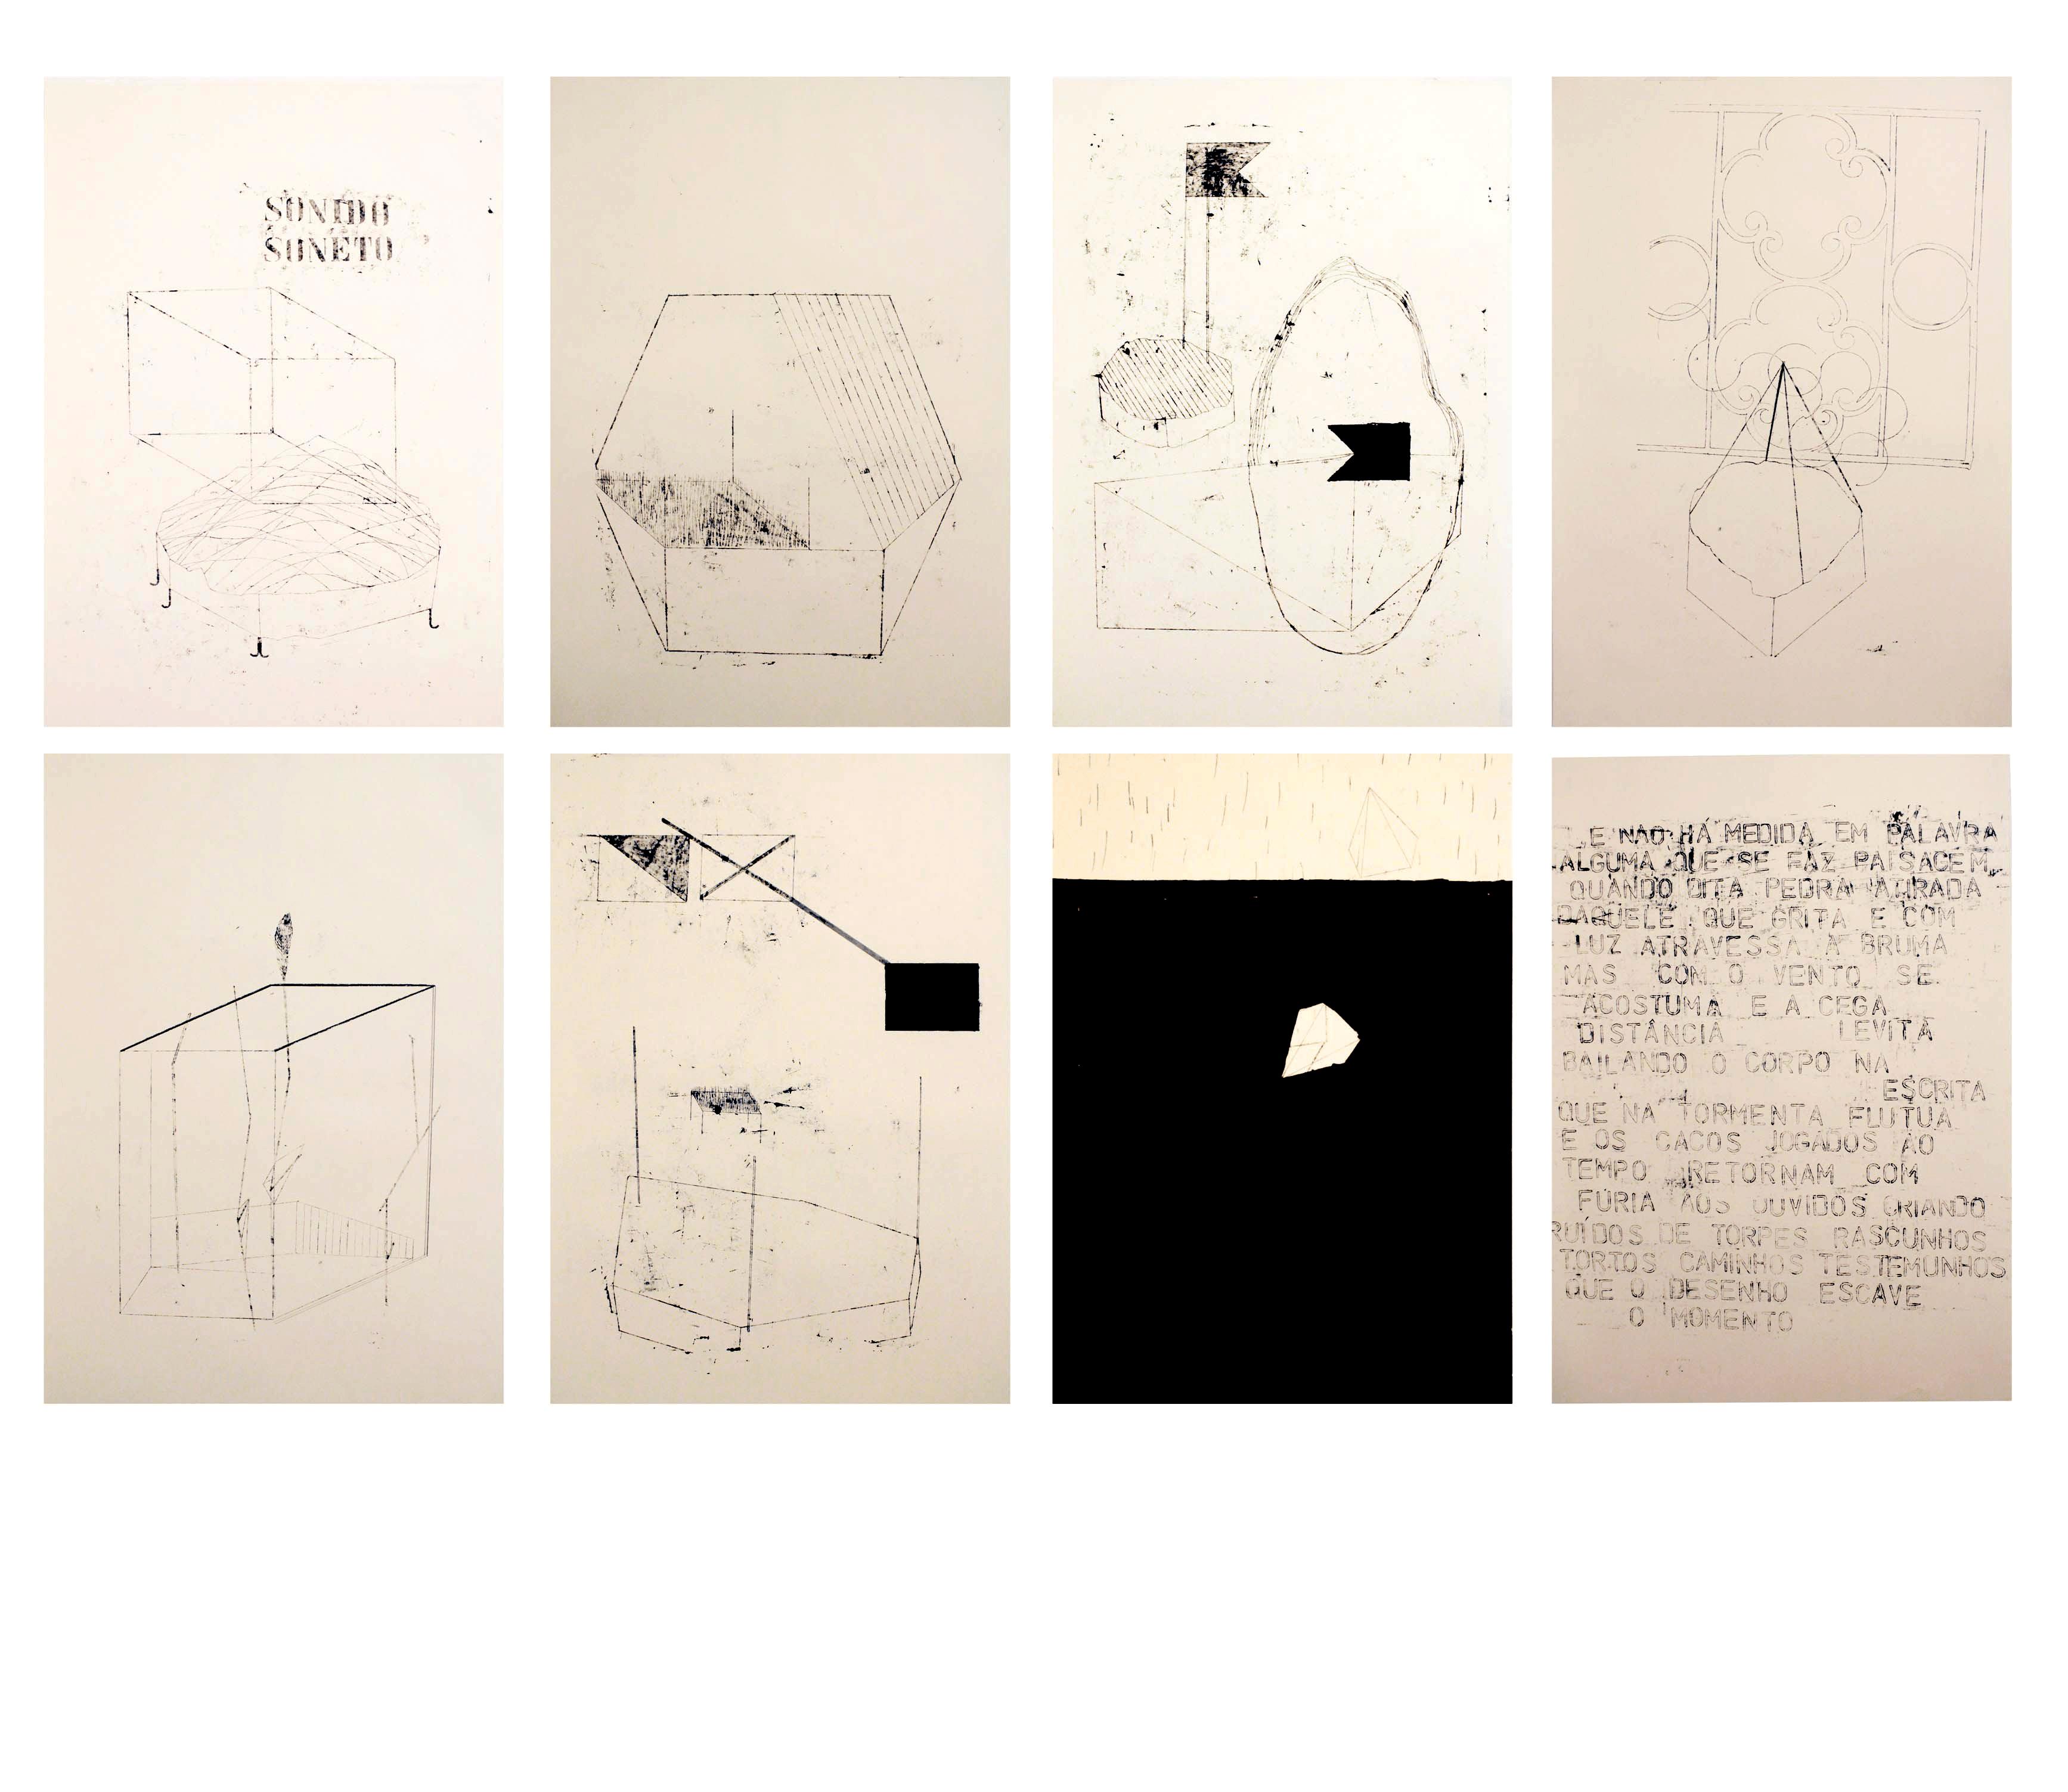 Bruno Rios, Sonido Soneto, 2014, Monotipia, lápis dermatográfico